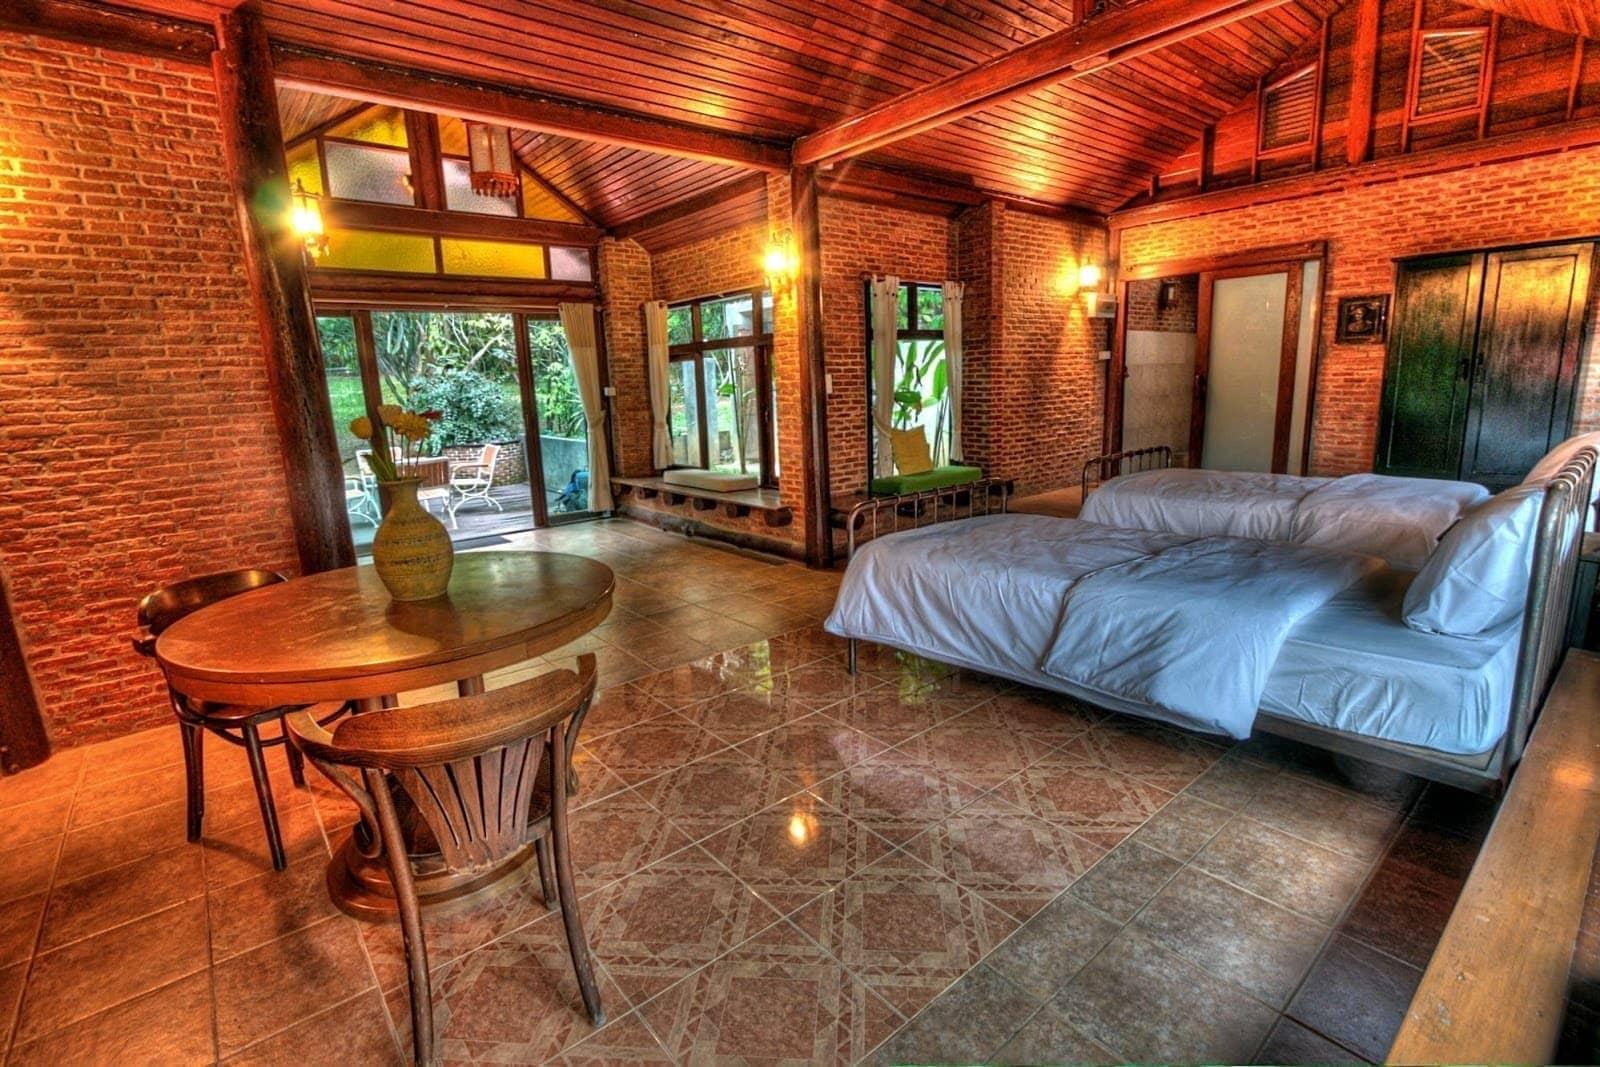 Chiang Mai hostel room 1